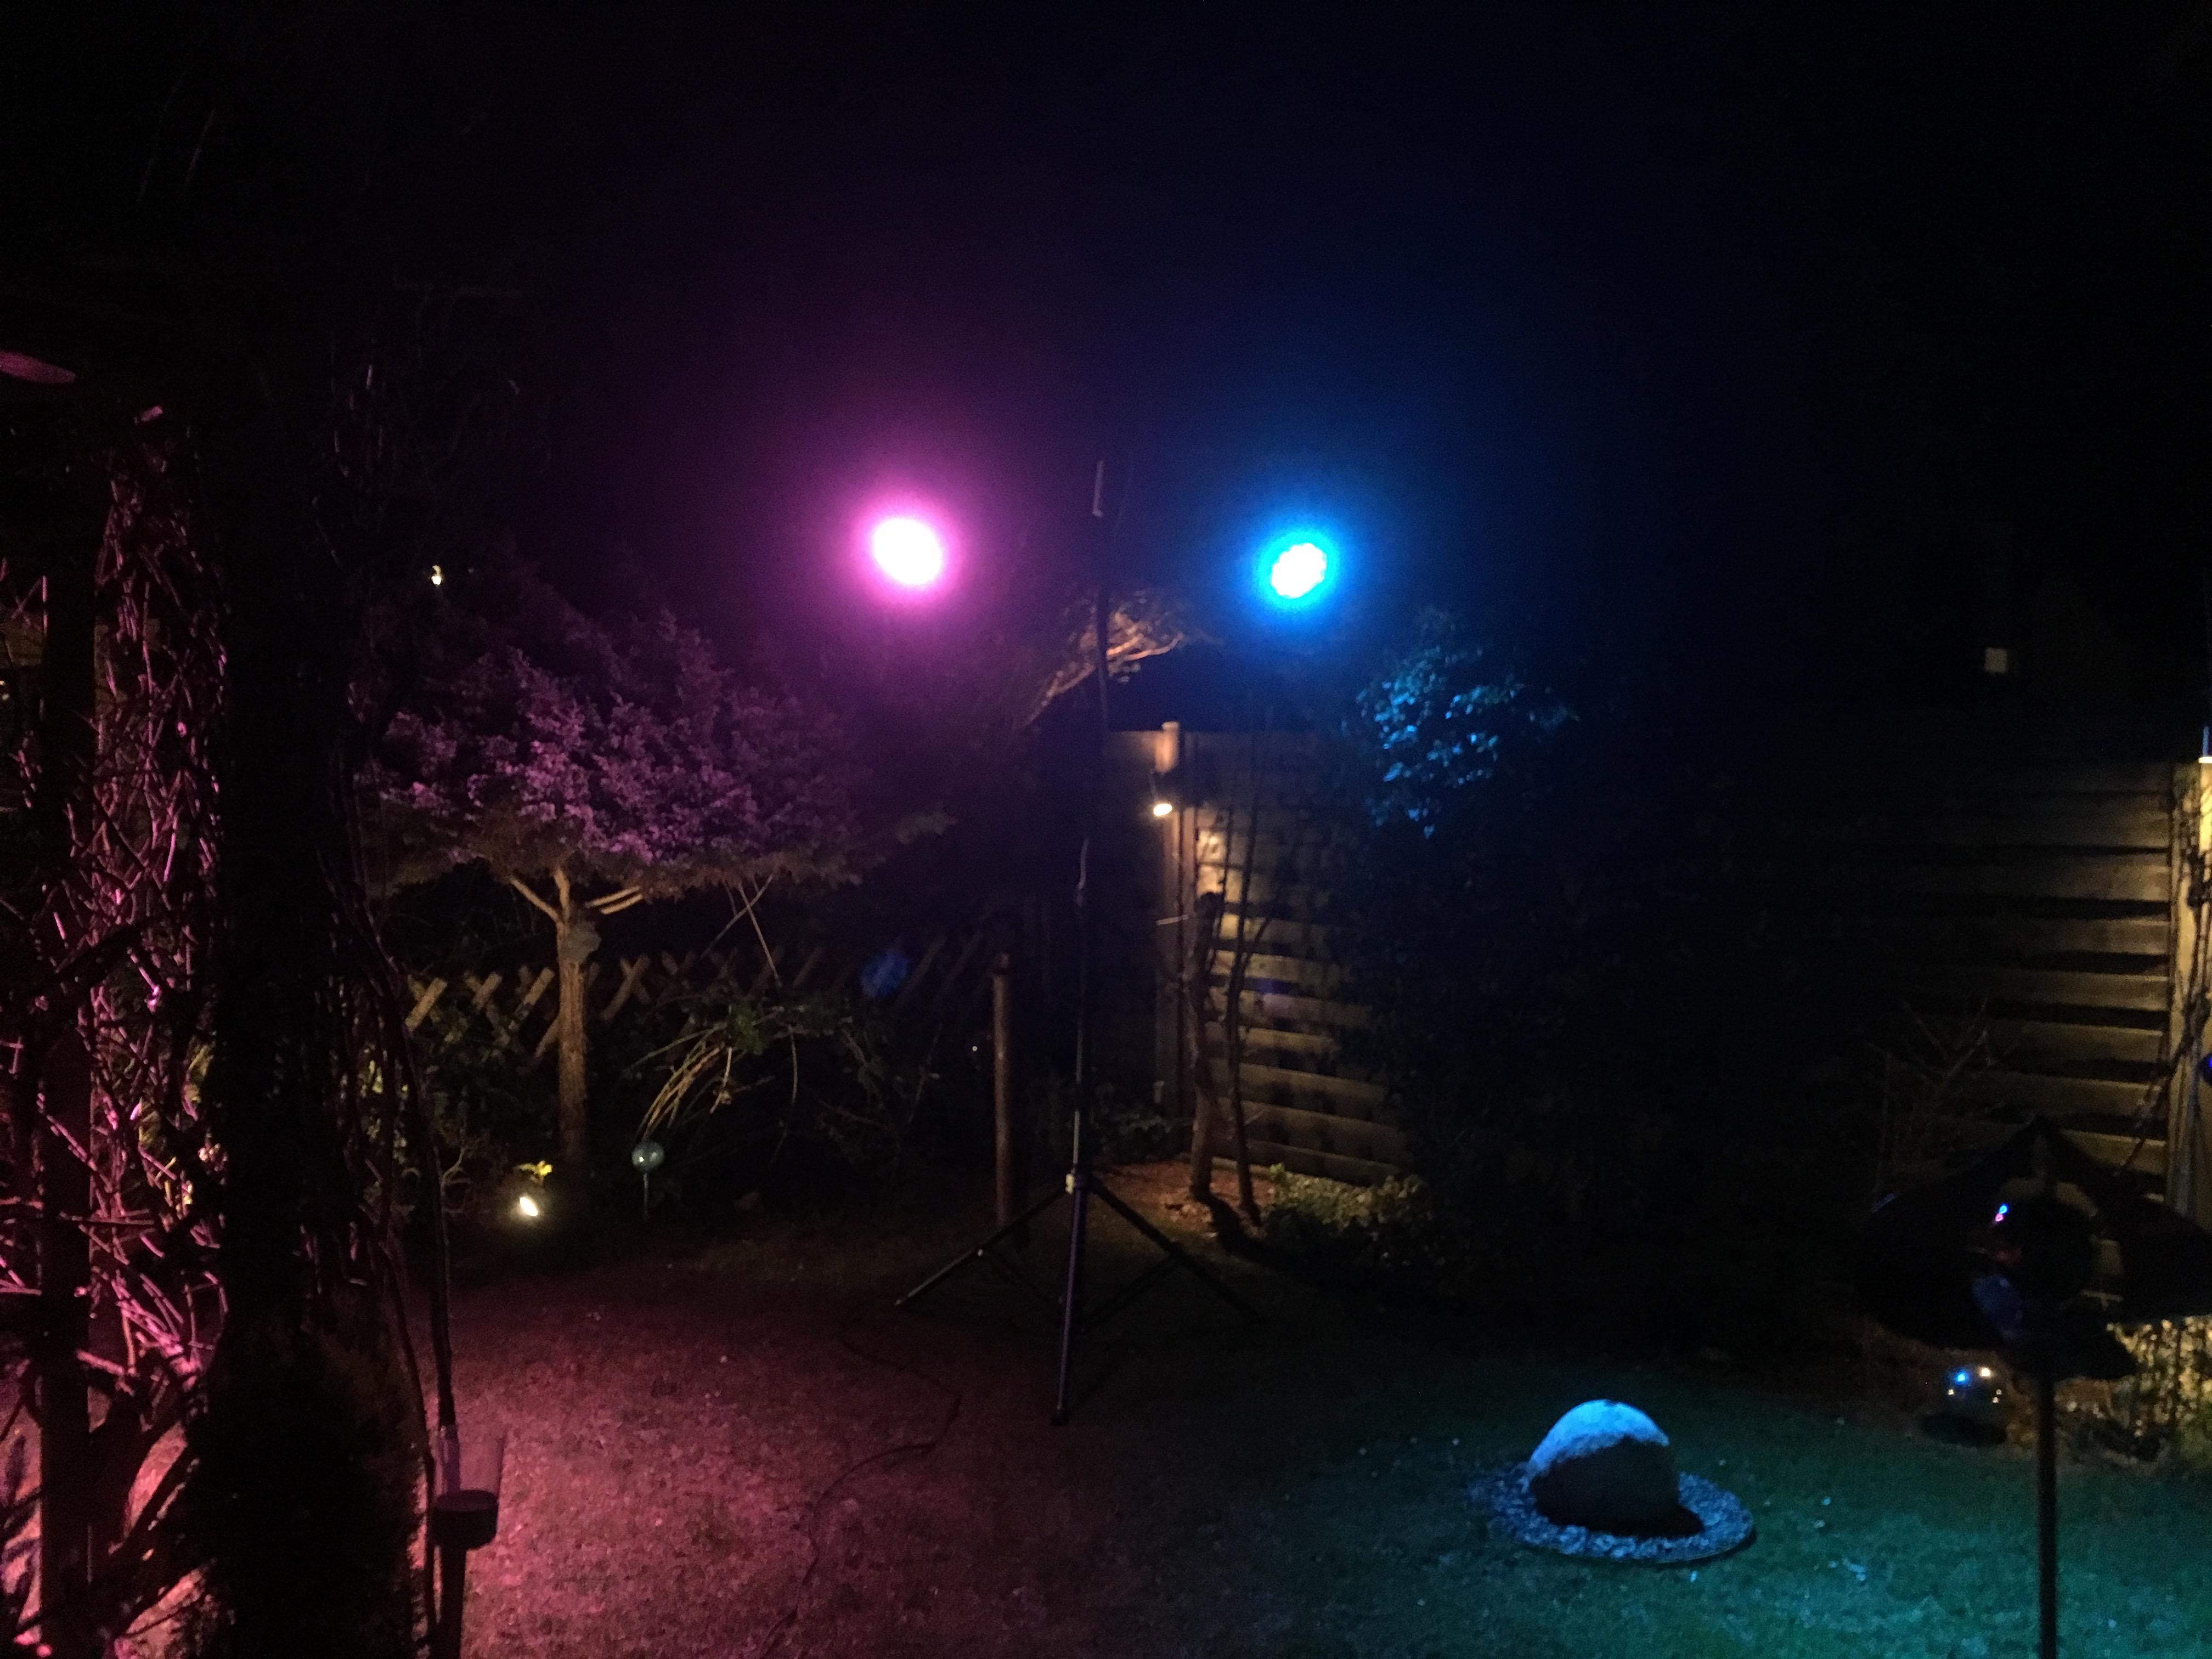 Lichtanlage mieten Beleuchtung Veranstaltungstechnik mieten